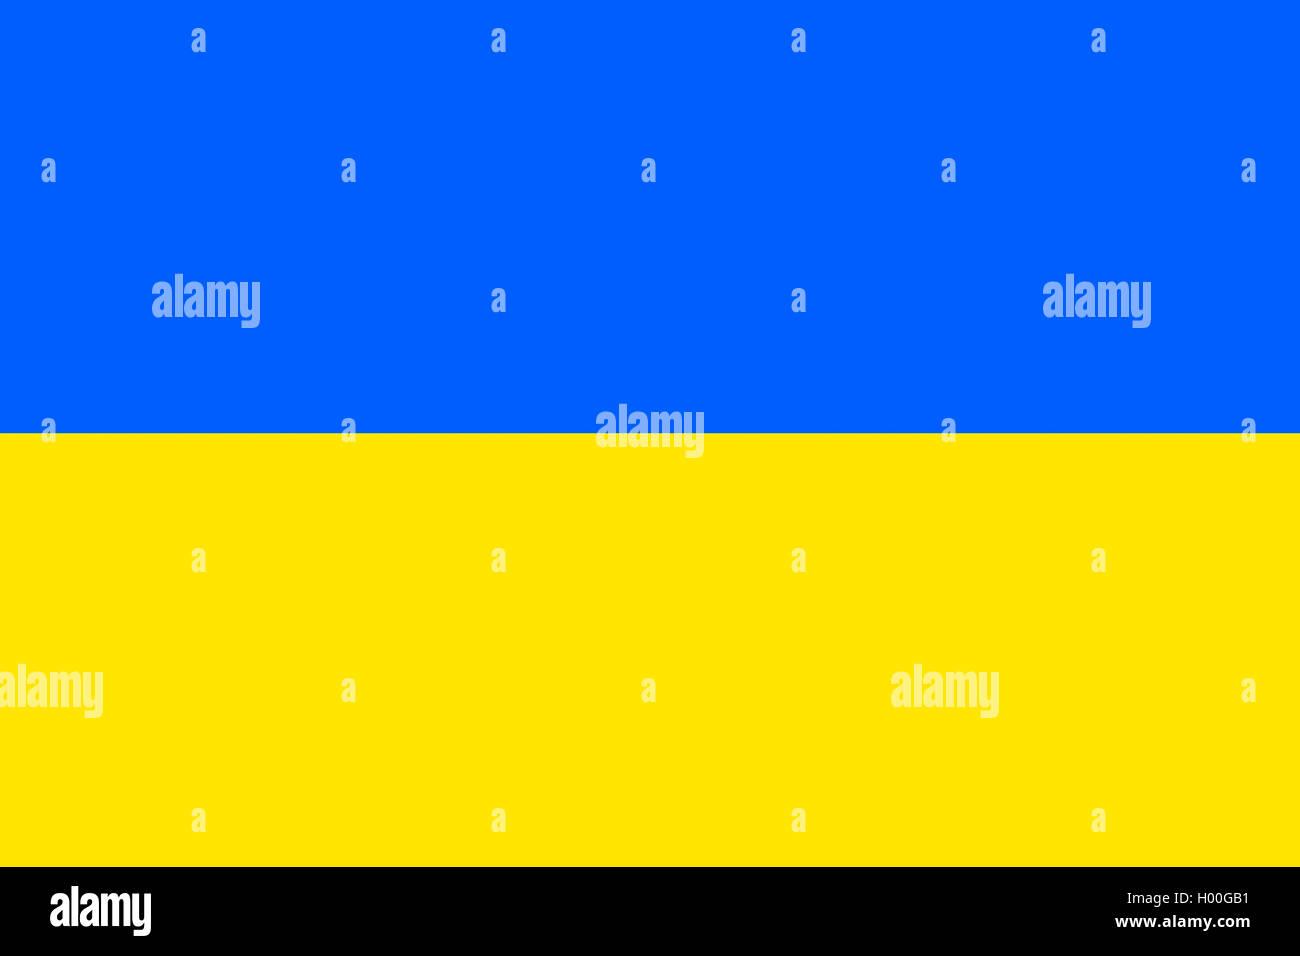 Flagge der Ukraine, Ukraine | flag of Ukraine, Ukraine | BLWS419570.jpg [ (c) blickwinkel/McPHOTO/K. Steinkamp Tel. - Stock Image